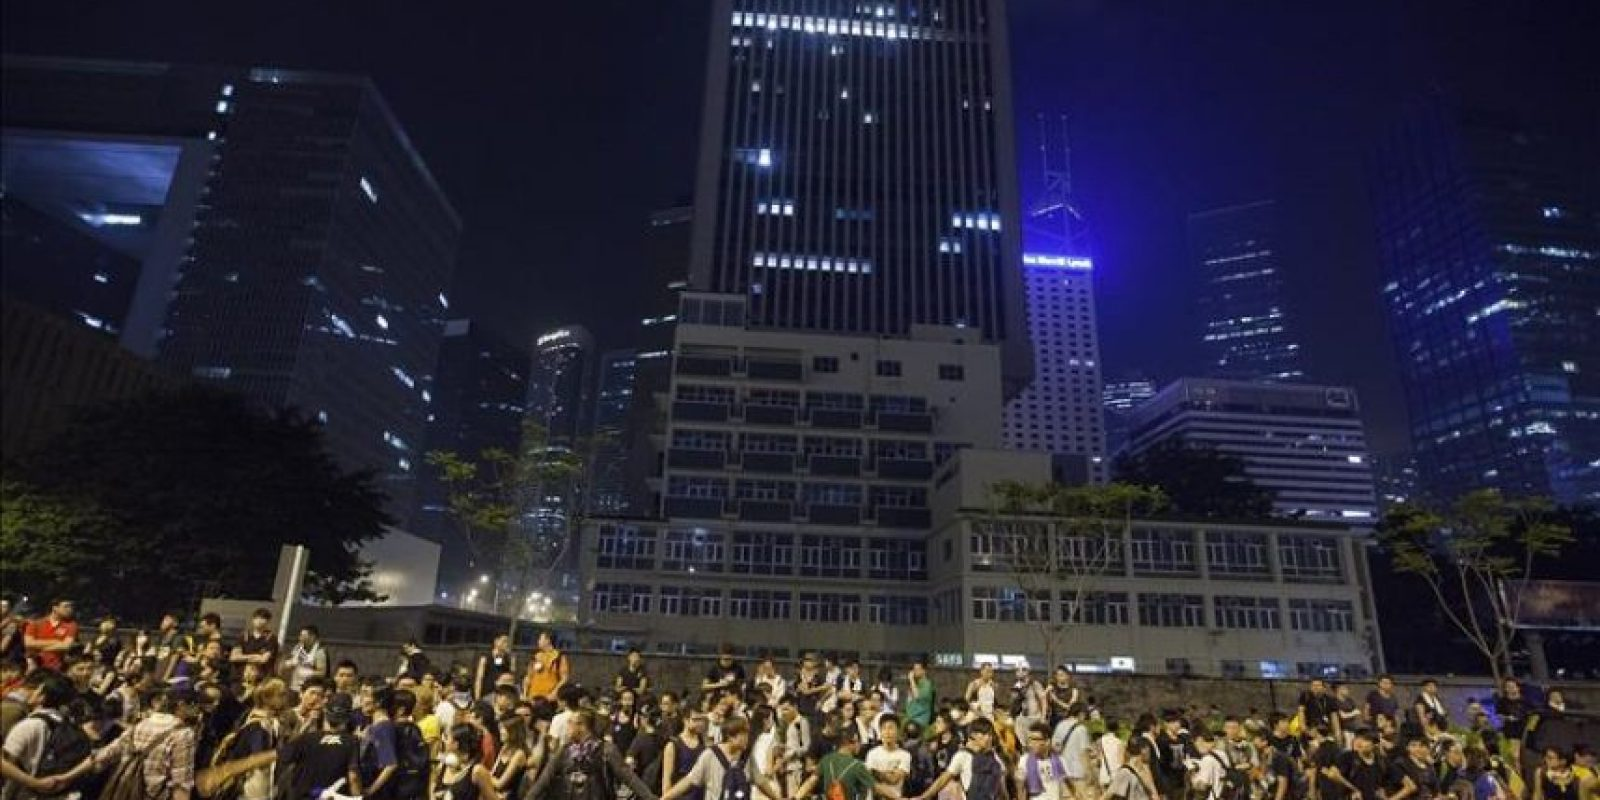 Manifestantes prodemocracia se cogen de las manos para mantener atrás a la multitud y conducir el tráfico, cerca de la oficina del jefe ejecutivo de Hong Kong, Cy Leung Chun-ying, en el quinto día de desobediencia civil en Hong Kong. EFE